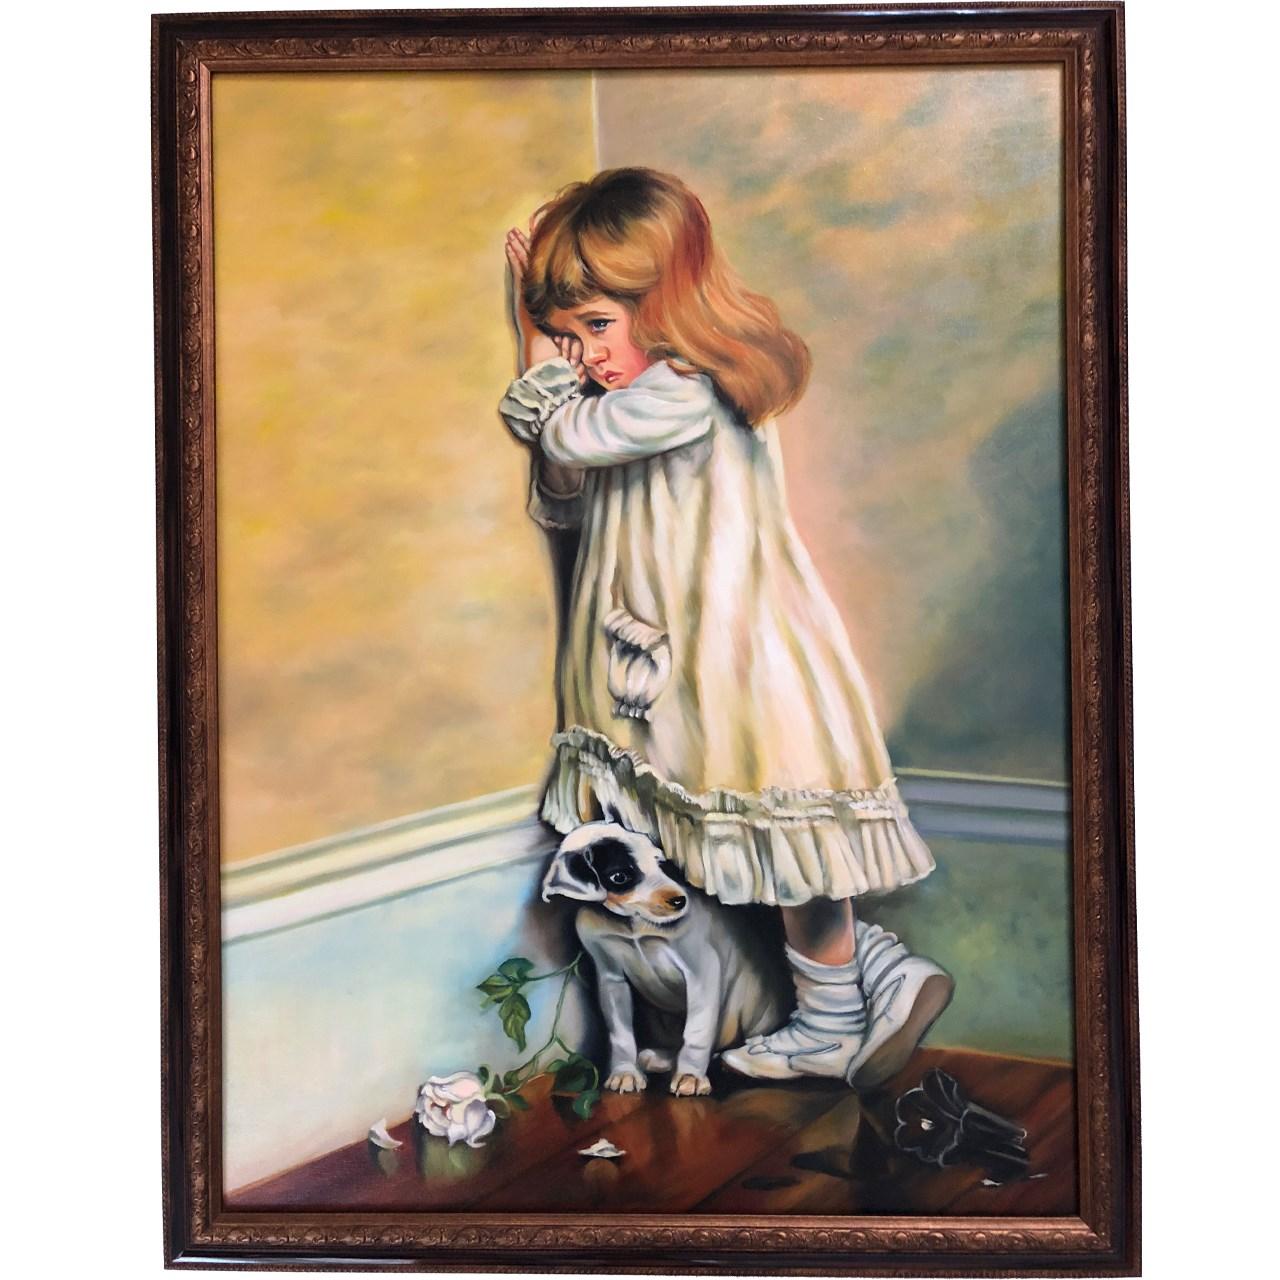 عکس تابلو نقاشی گالری بارسین طرح دختر کوچولو